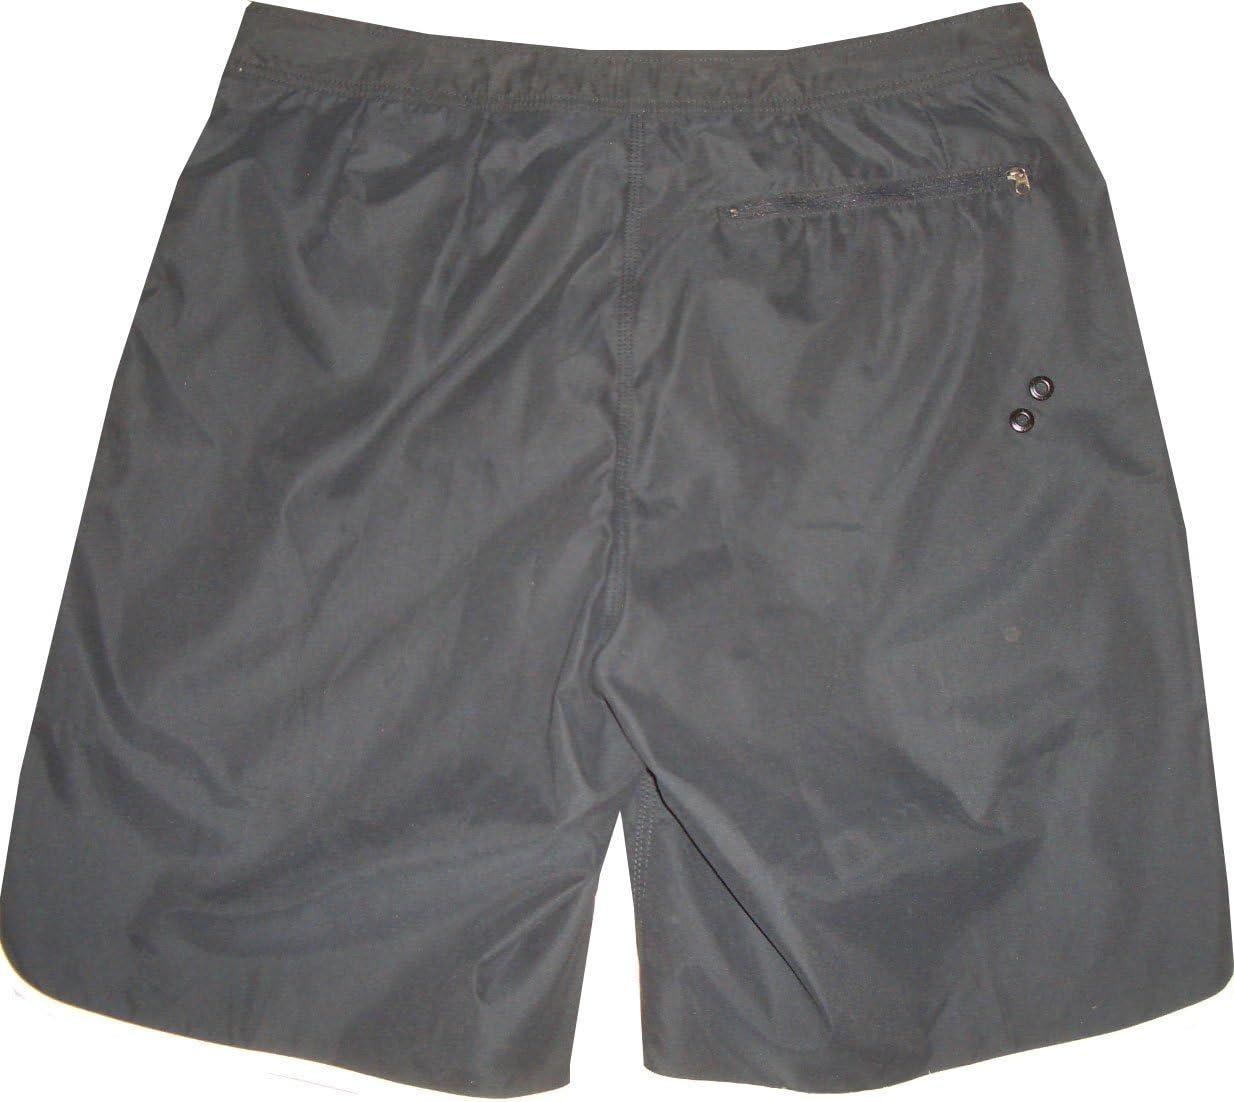 Mens Dri-Fit Short Fermeture Éclair Poches Cargo Travail Randonnée Shorts Pantalon Avec Ceinture